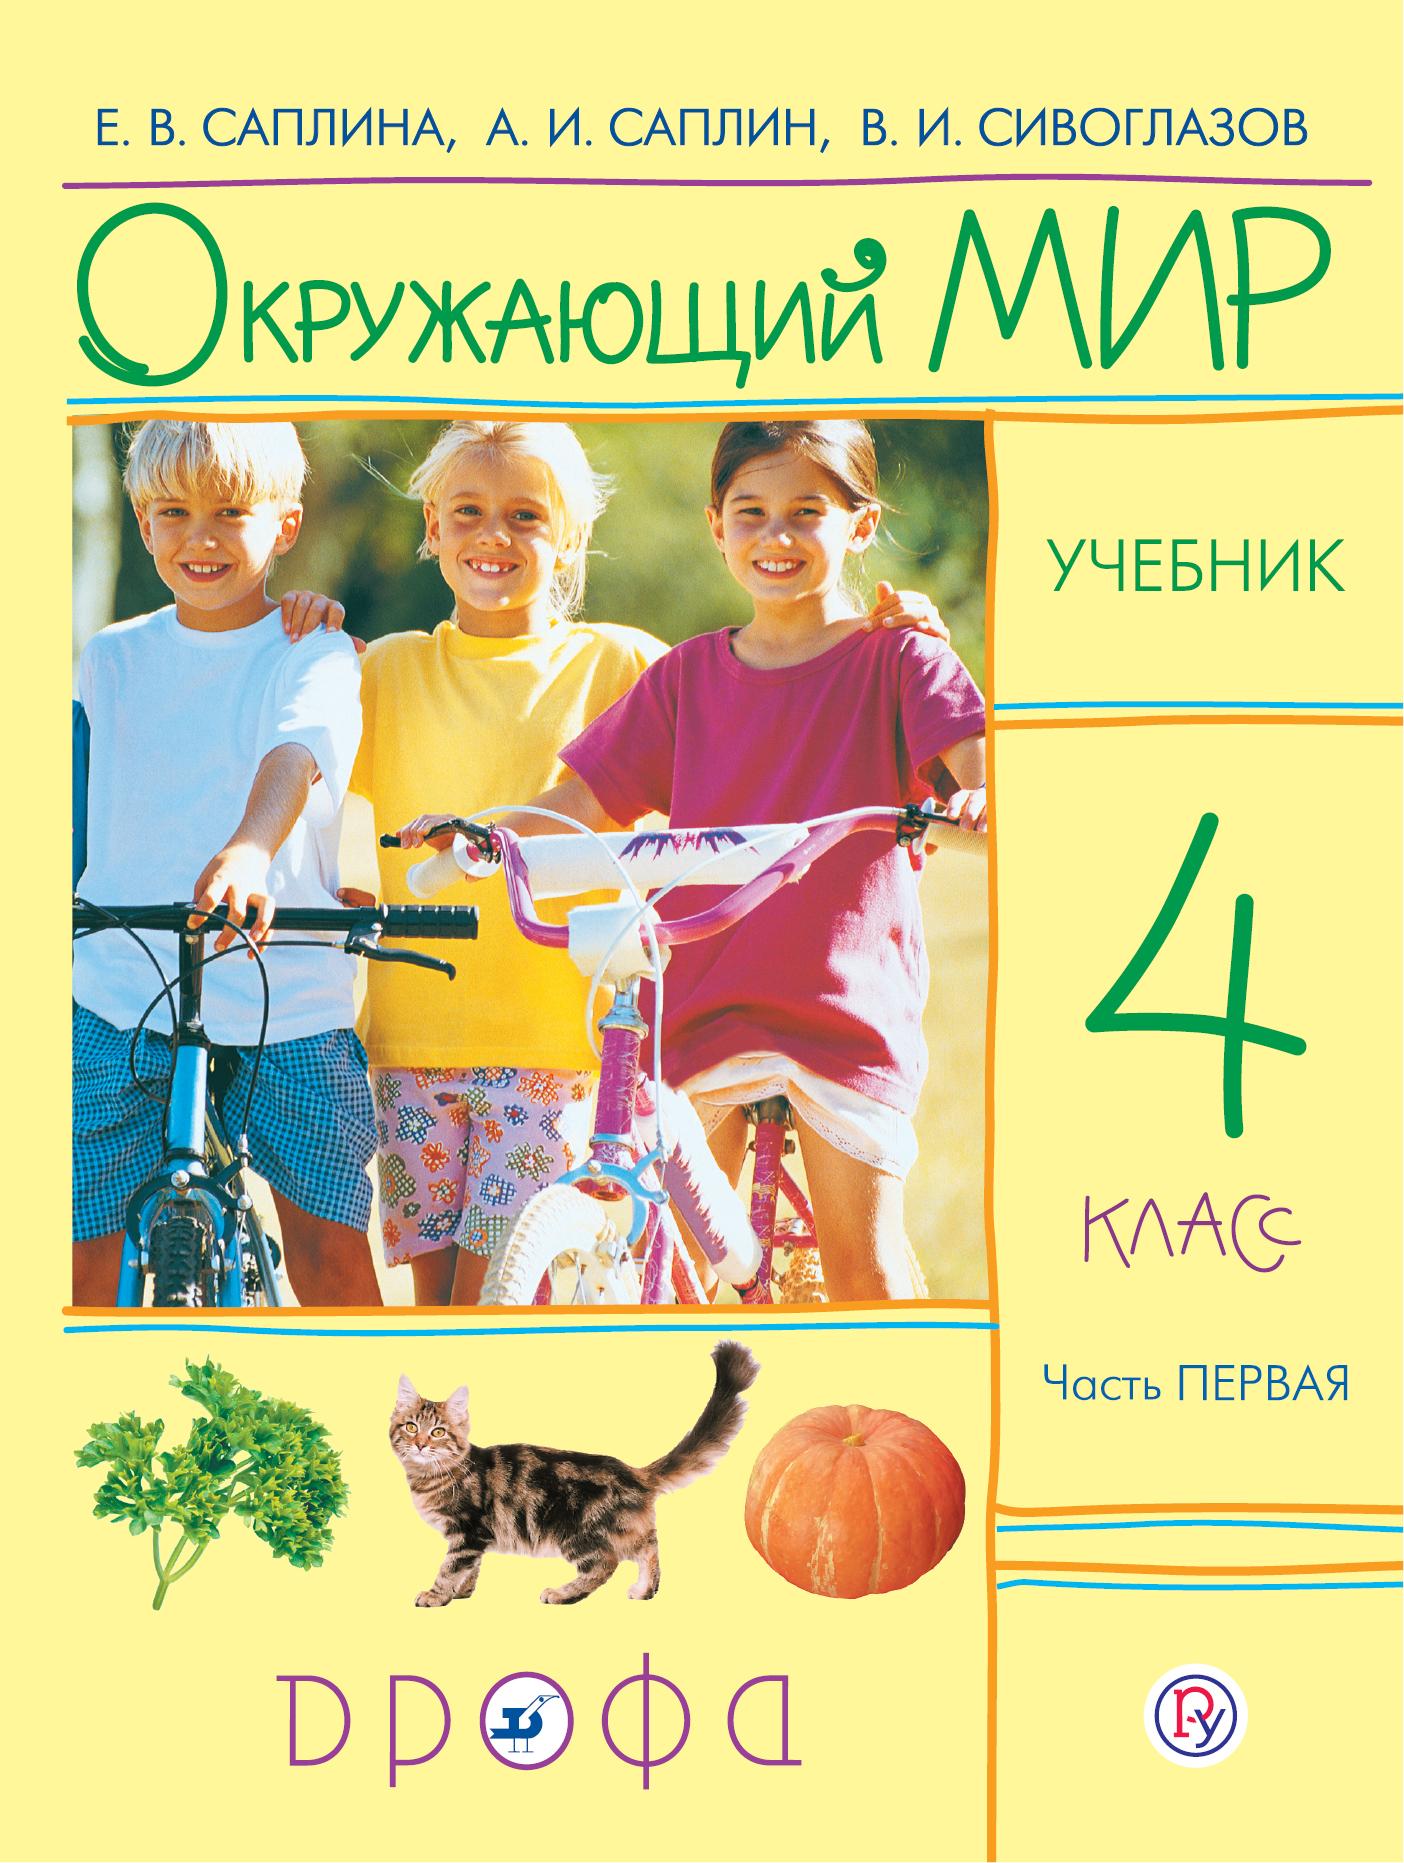 Окружающий мир. 4 класс. Учебник в 2-х частях. Ч. 1. ( Саплина Е.В., Сивоглазов В.И., Саплин А.И.  )